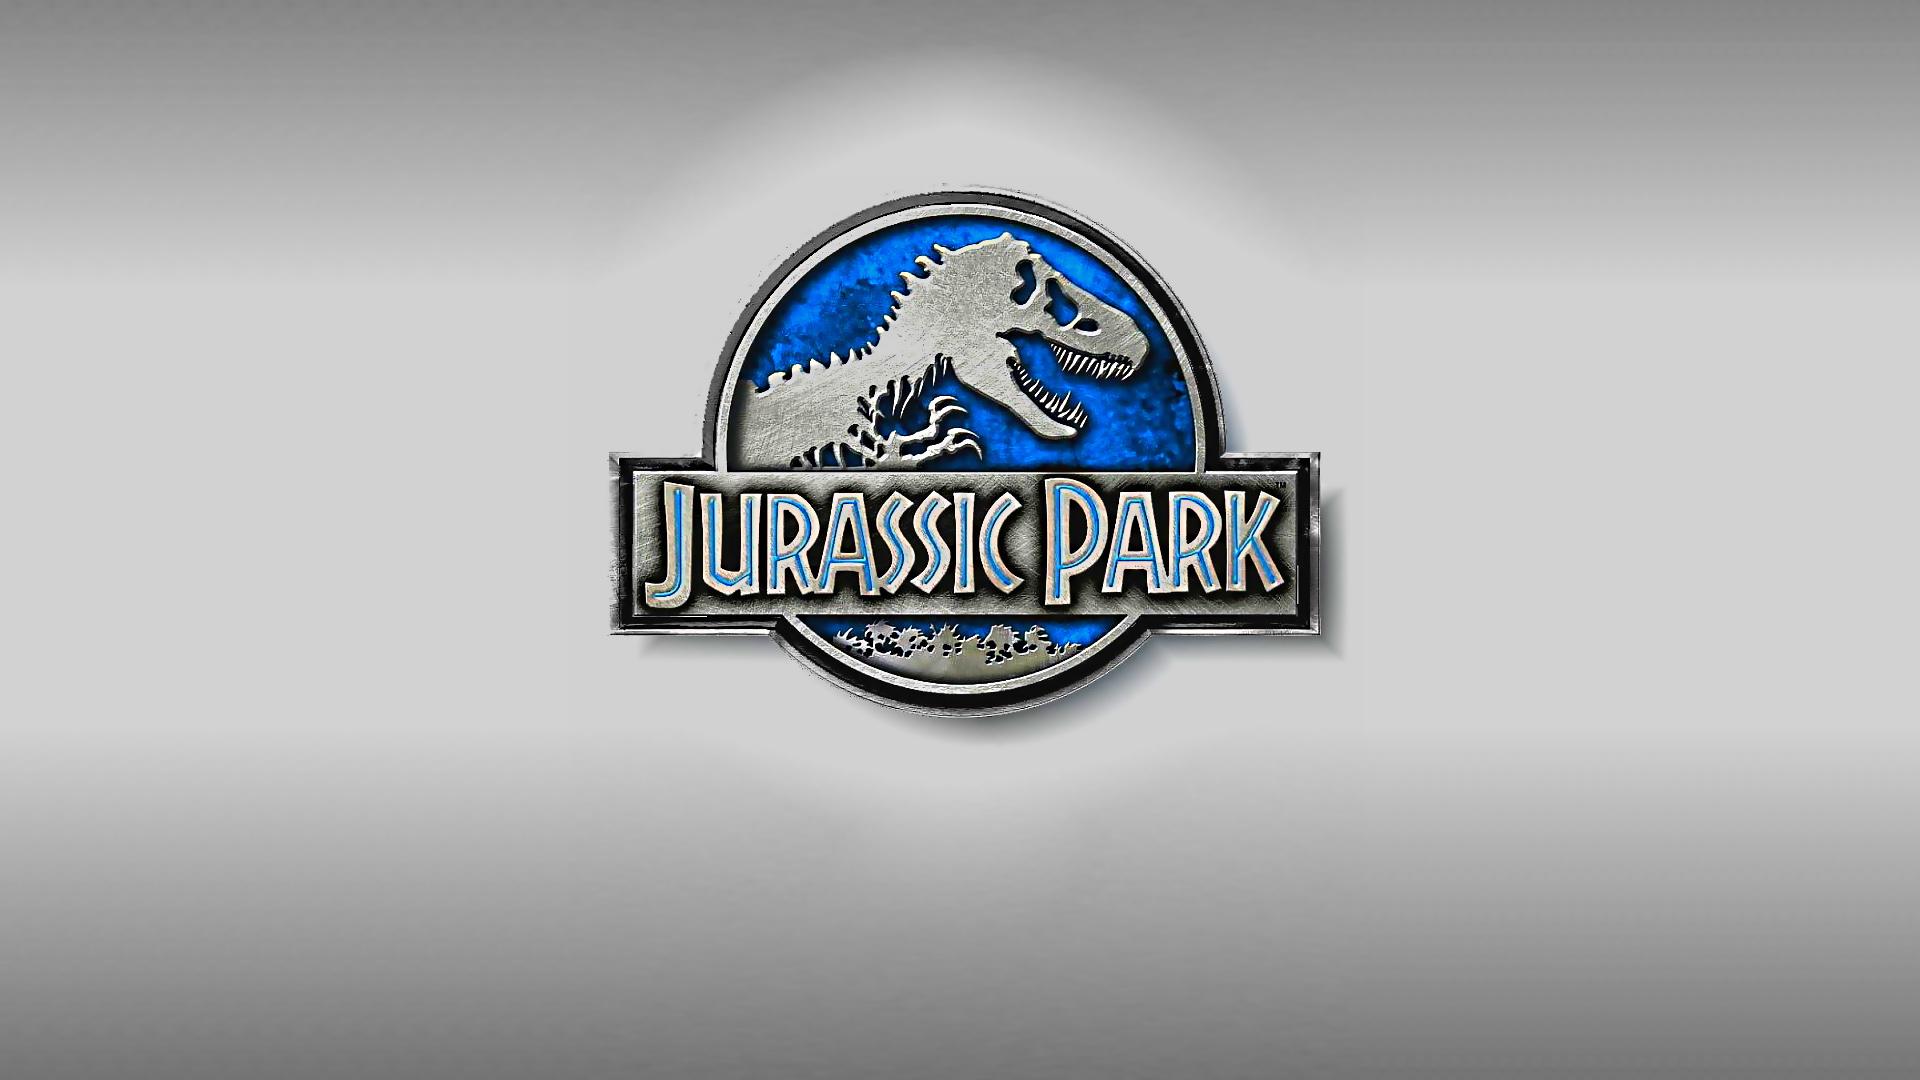 Cute Cartoon Hd Wallpaper Download Jurassic Park Logo Backgrounds Pixelstalk Net